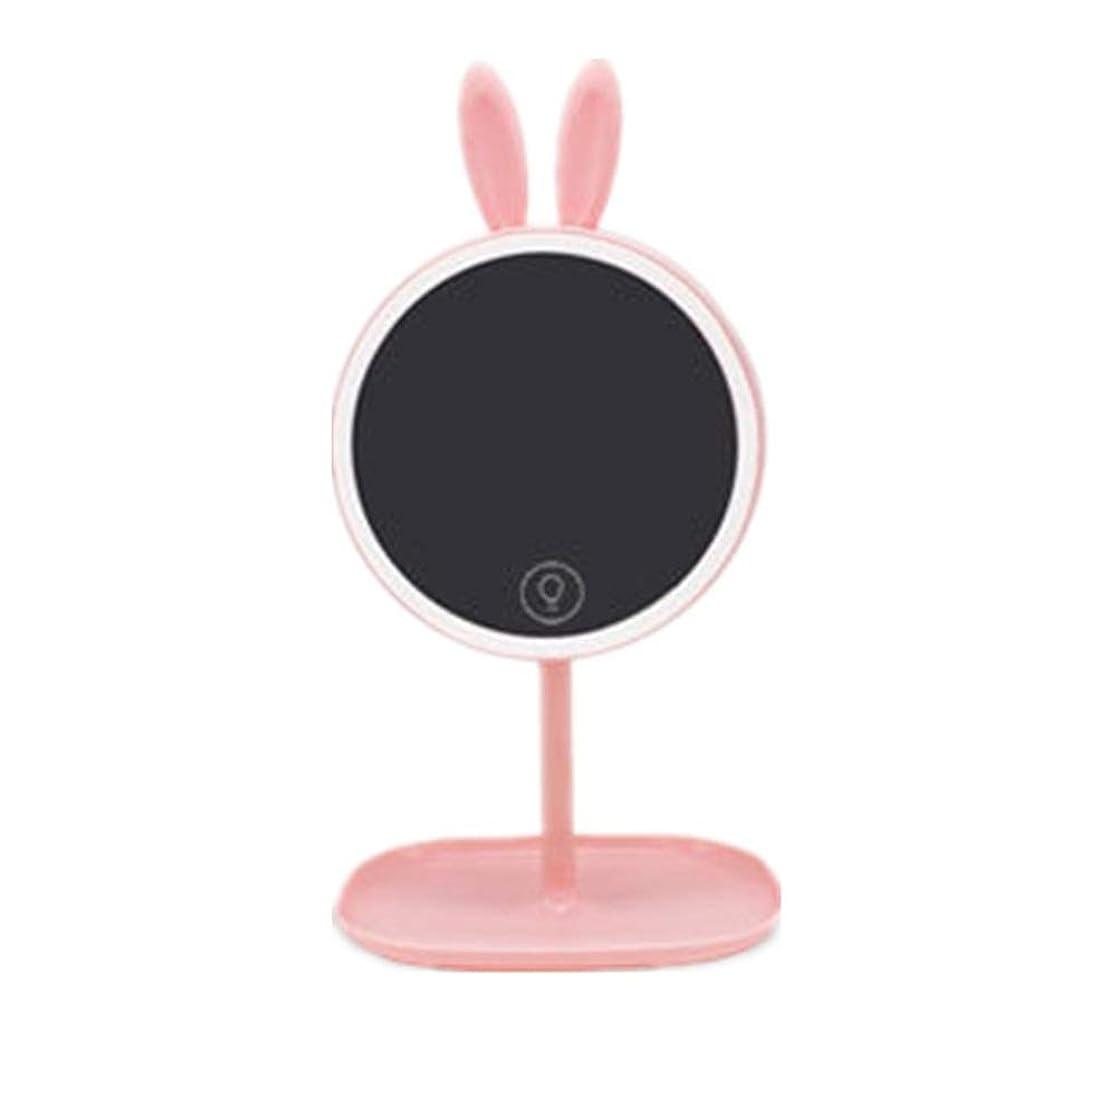 人工並外れたマウント化粧鏡 ラウンドテーブルトップLED照光化粧鏡浴室かわいいメイクアップミラー調整可能なソフト明るい照明 新年プレゼント (色 : ピンク, サイズ : 22x39cm)